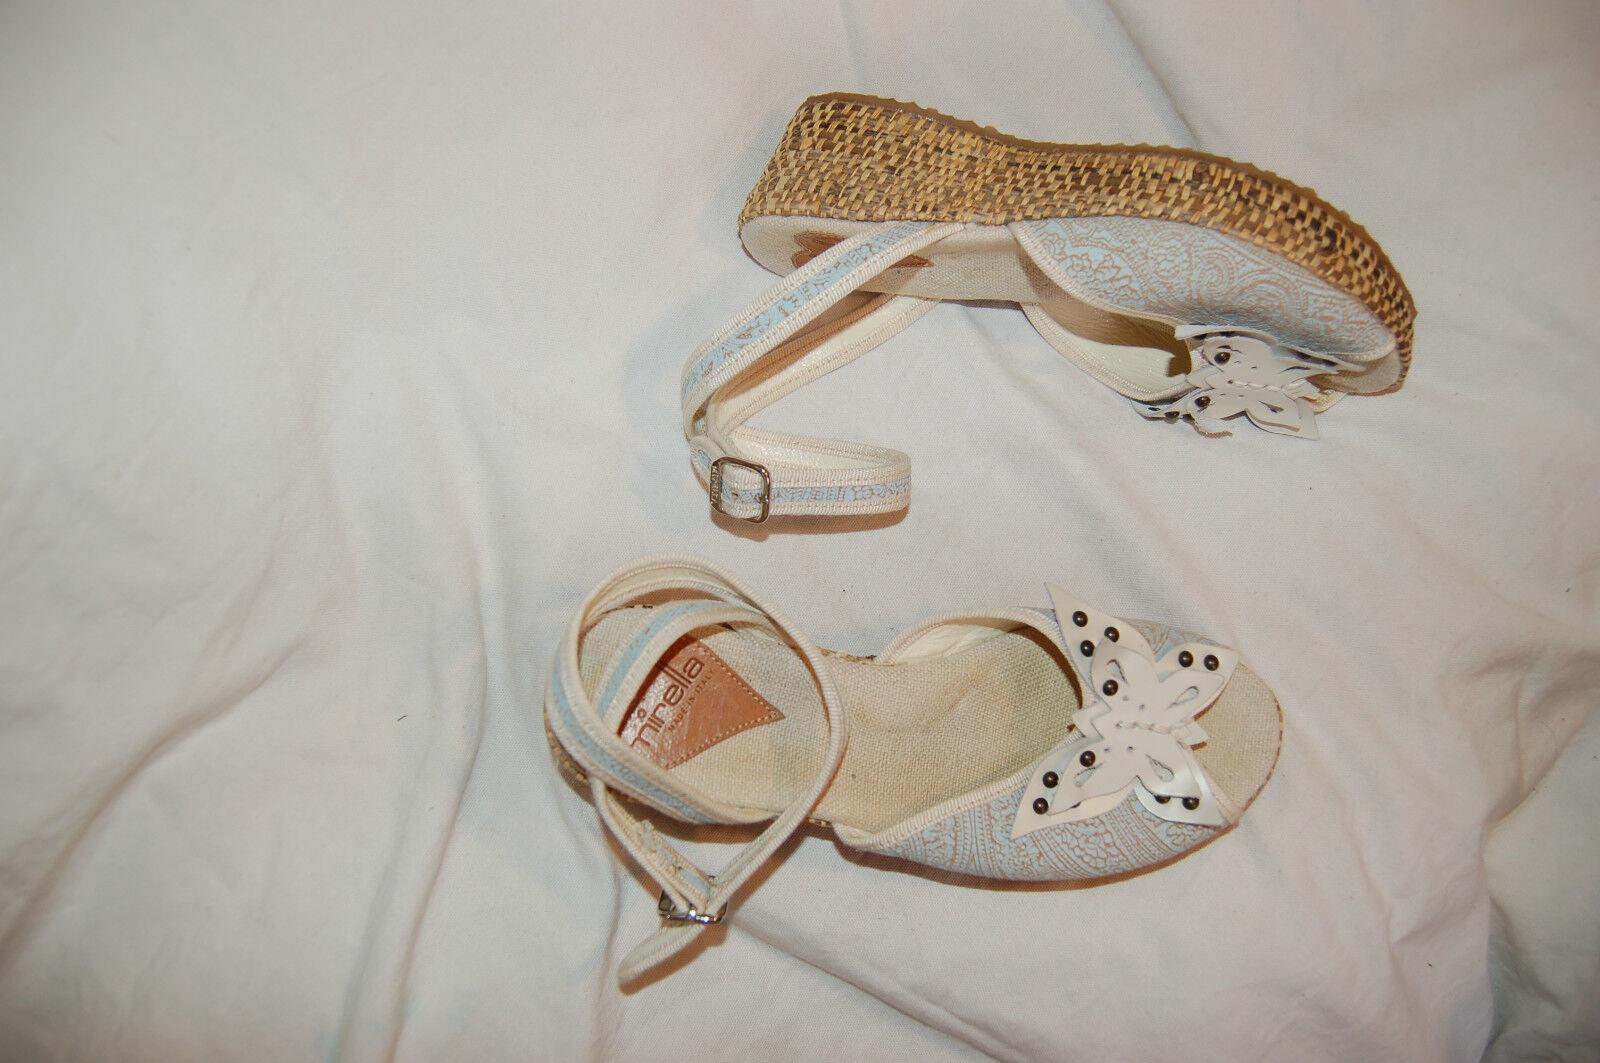 Mirella Canvas/Leder Ankle Wrap Wedge Platform Sandales  Made in  Größe 38